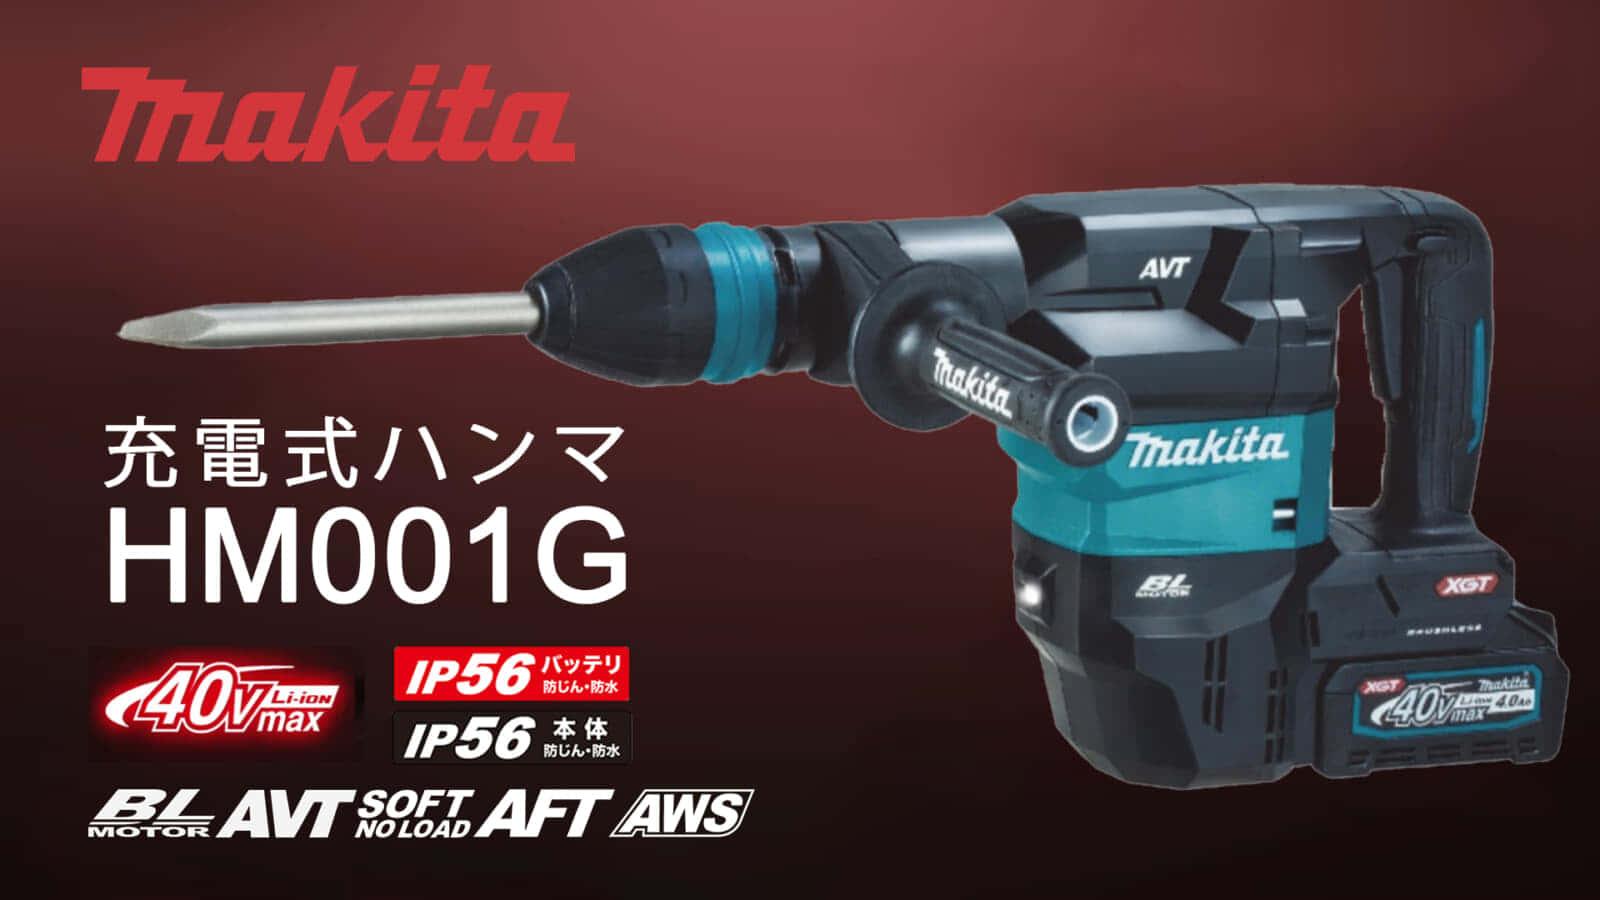 マキタ HM001G 充電式ハンマを発売、クラス最強5kgハンマ